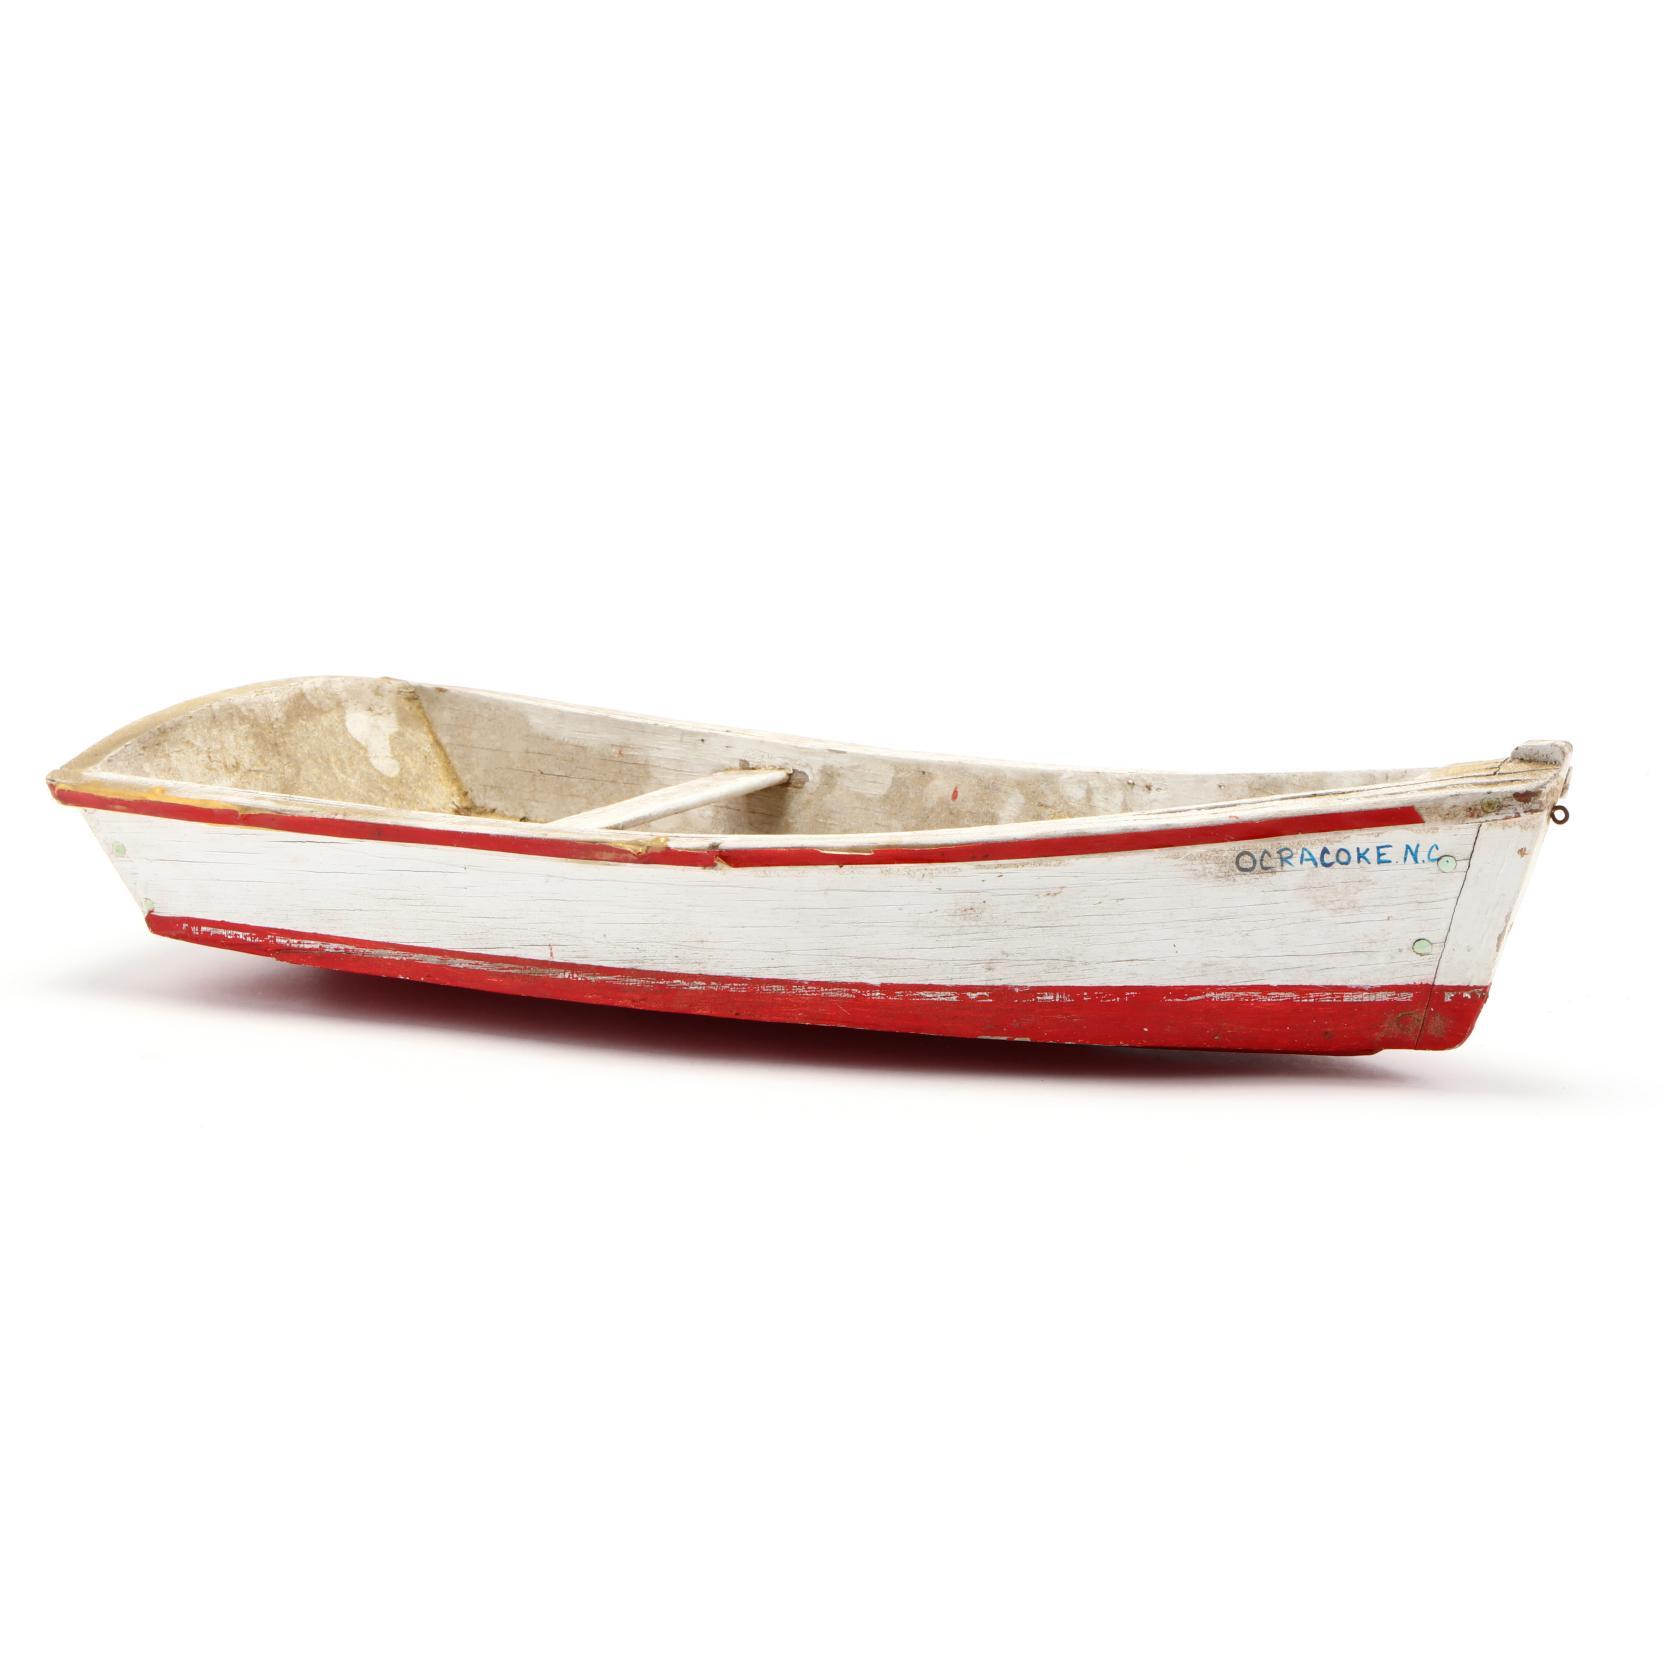 folk-art-model-of-dinghy